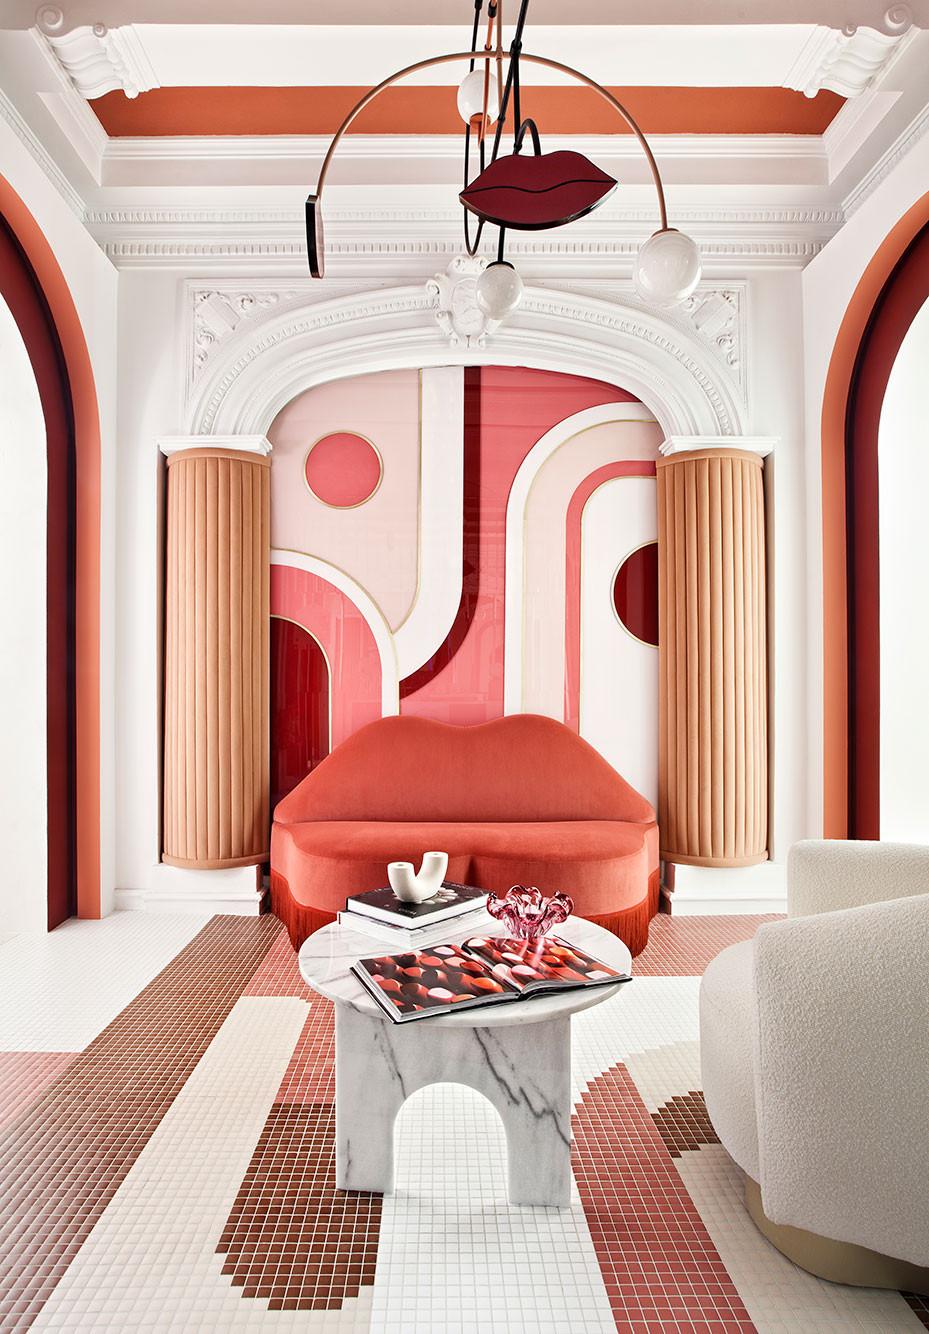 casa-decor-2021-recibidor-espacio-vg-living-virginia-gasch-3.jpg